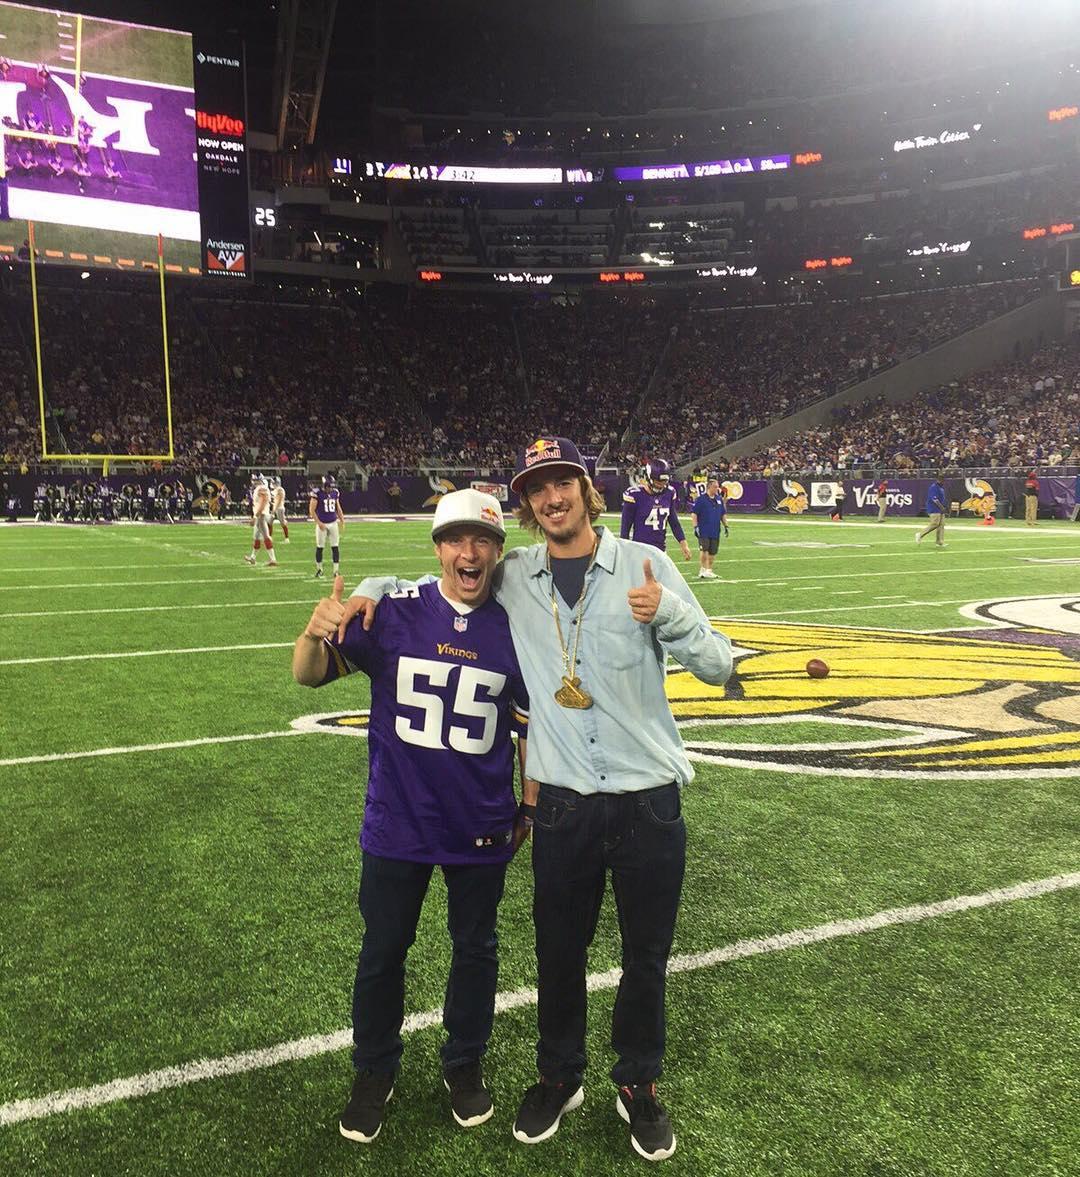 Skol, @Vikings!